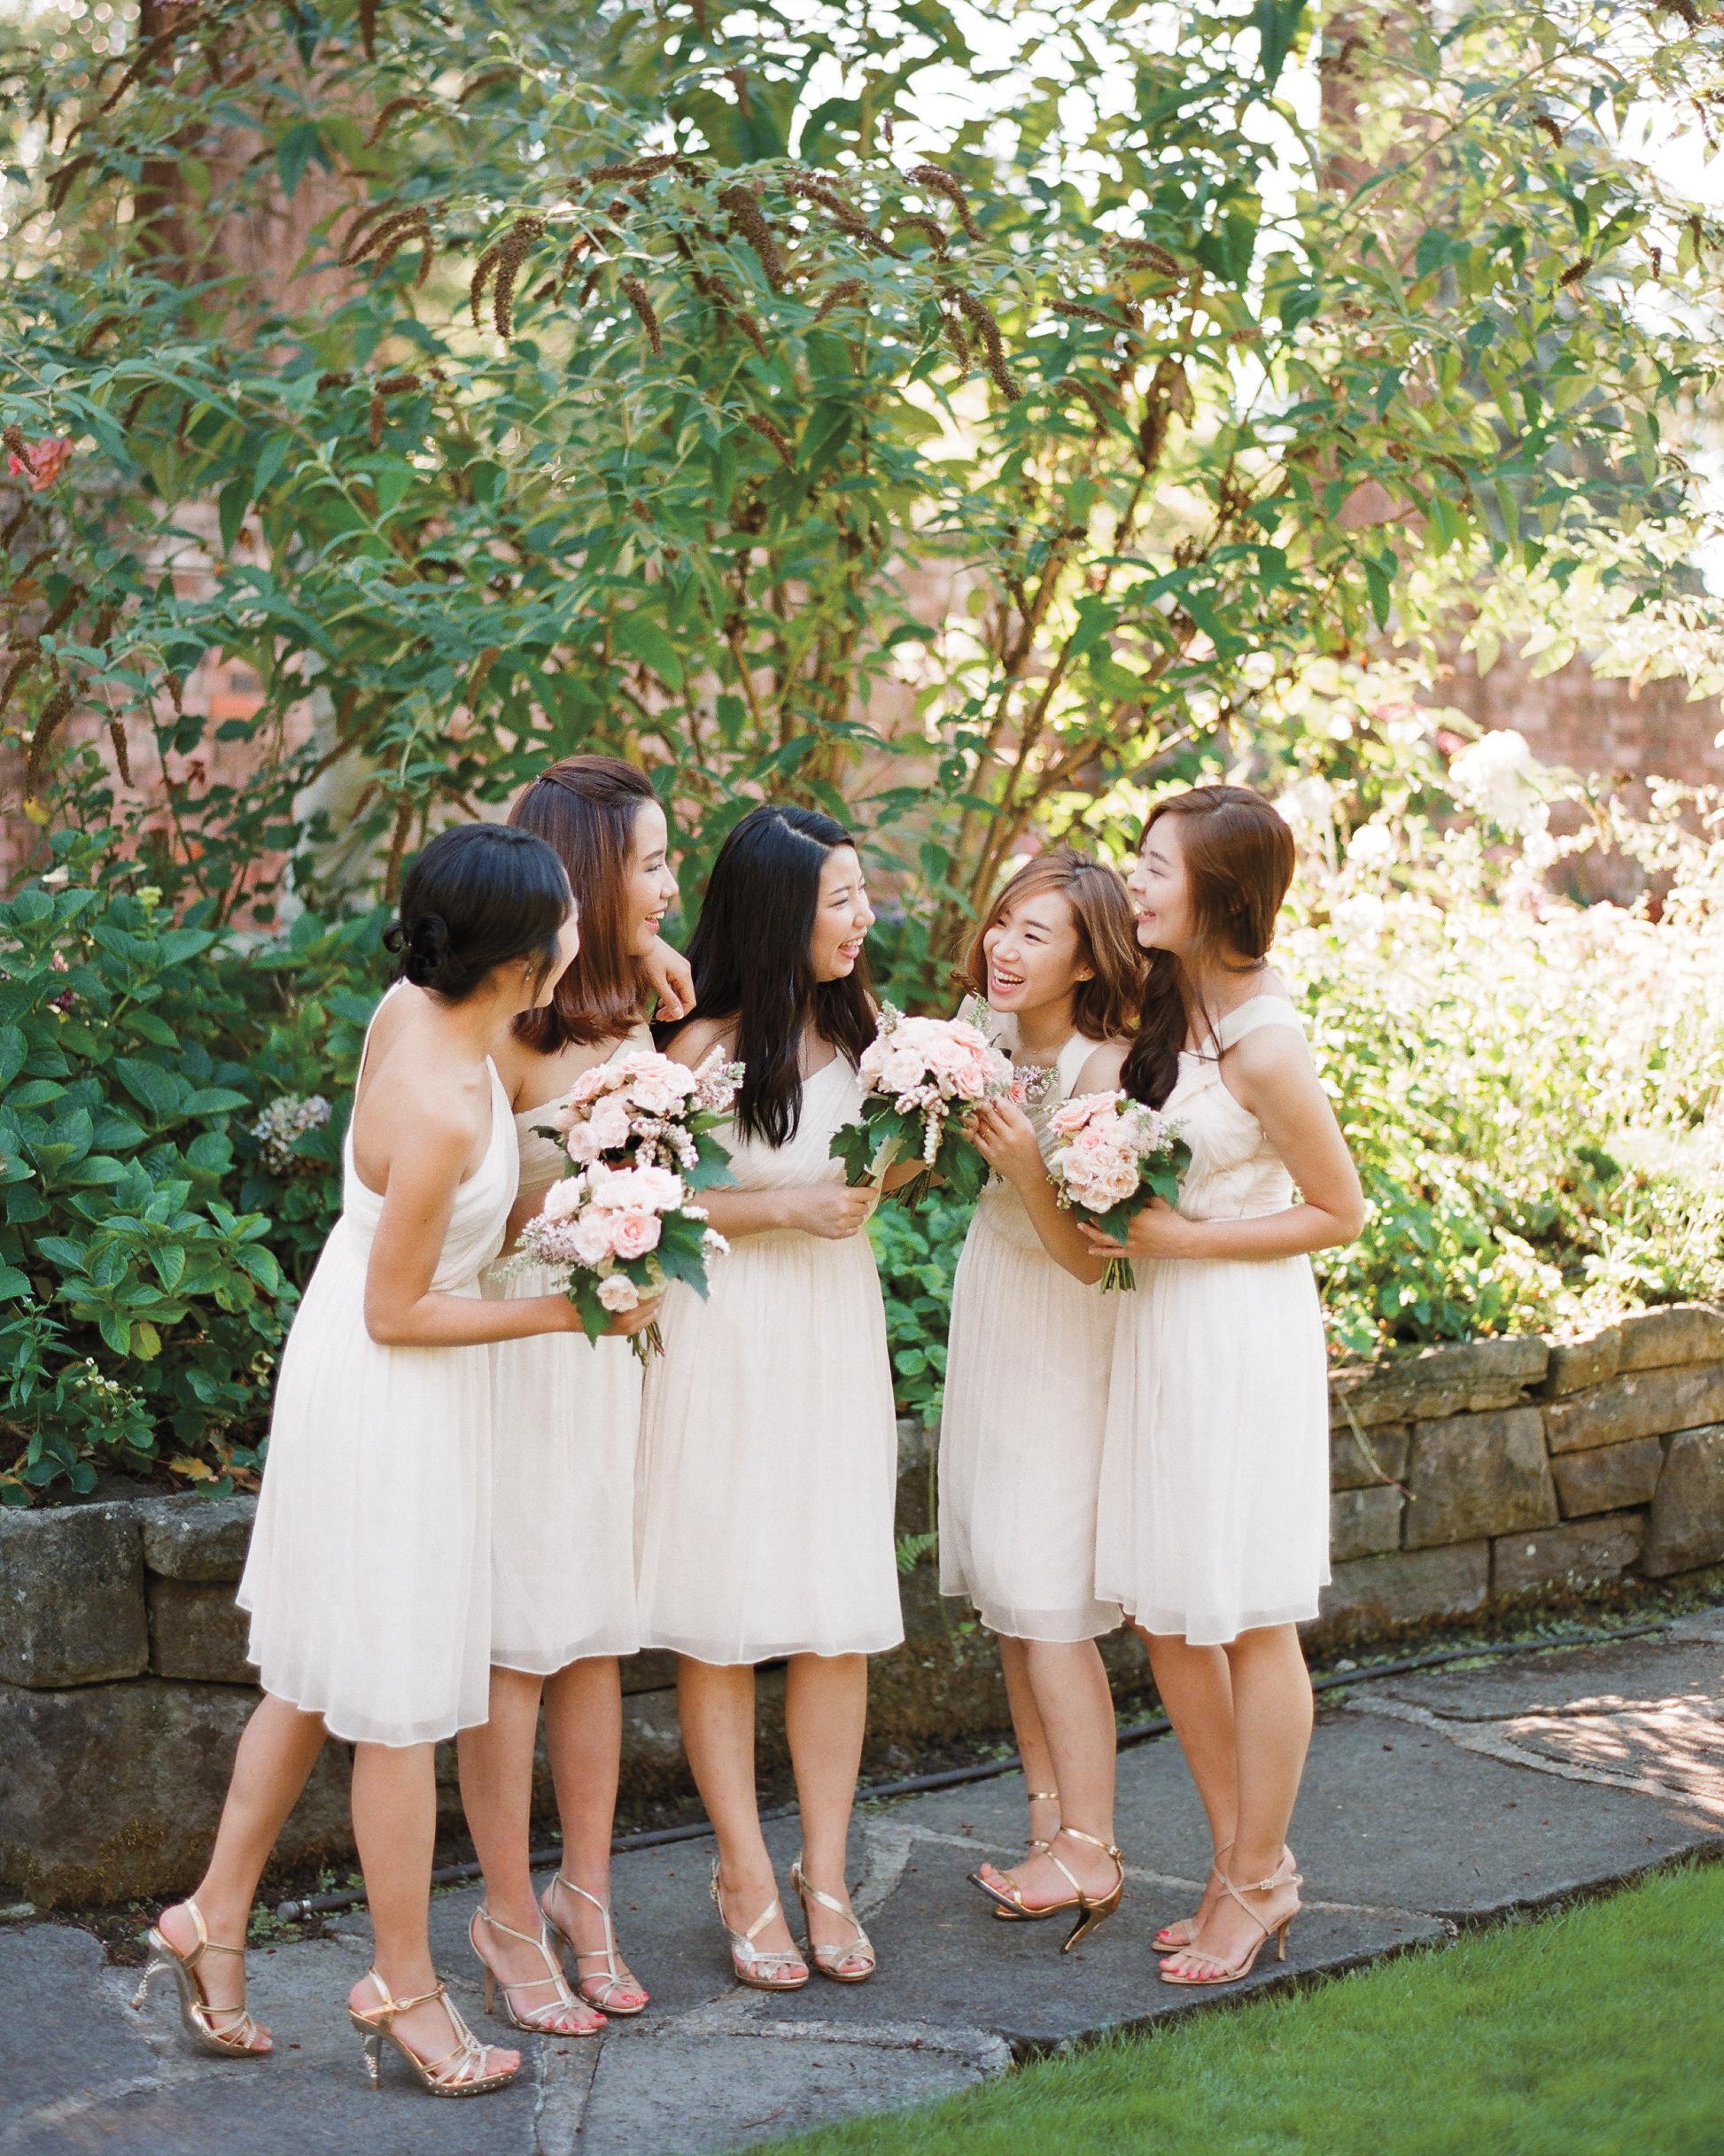 bridesmaids-garden-2013-08-31-bomibilly-0265-mwds110832.jpg